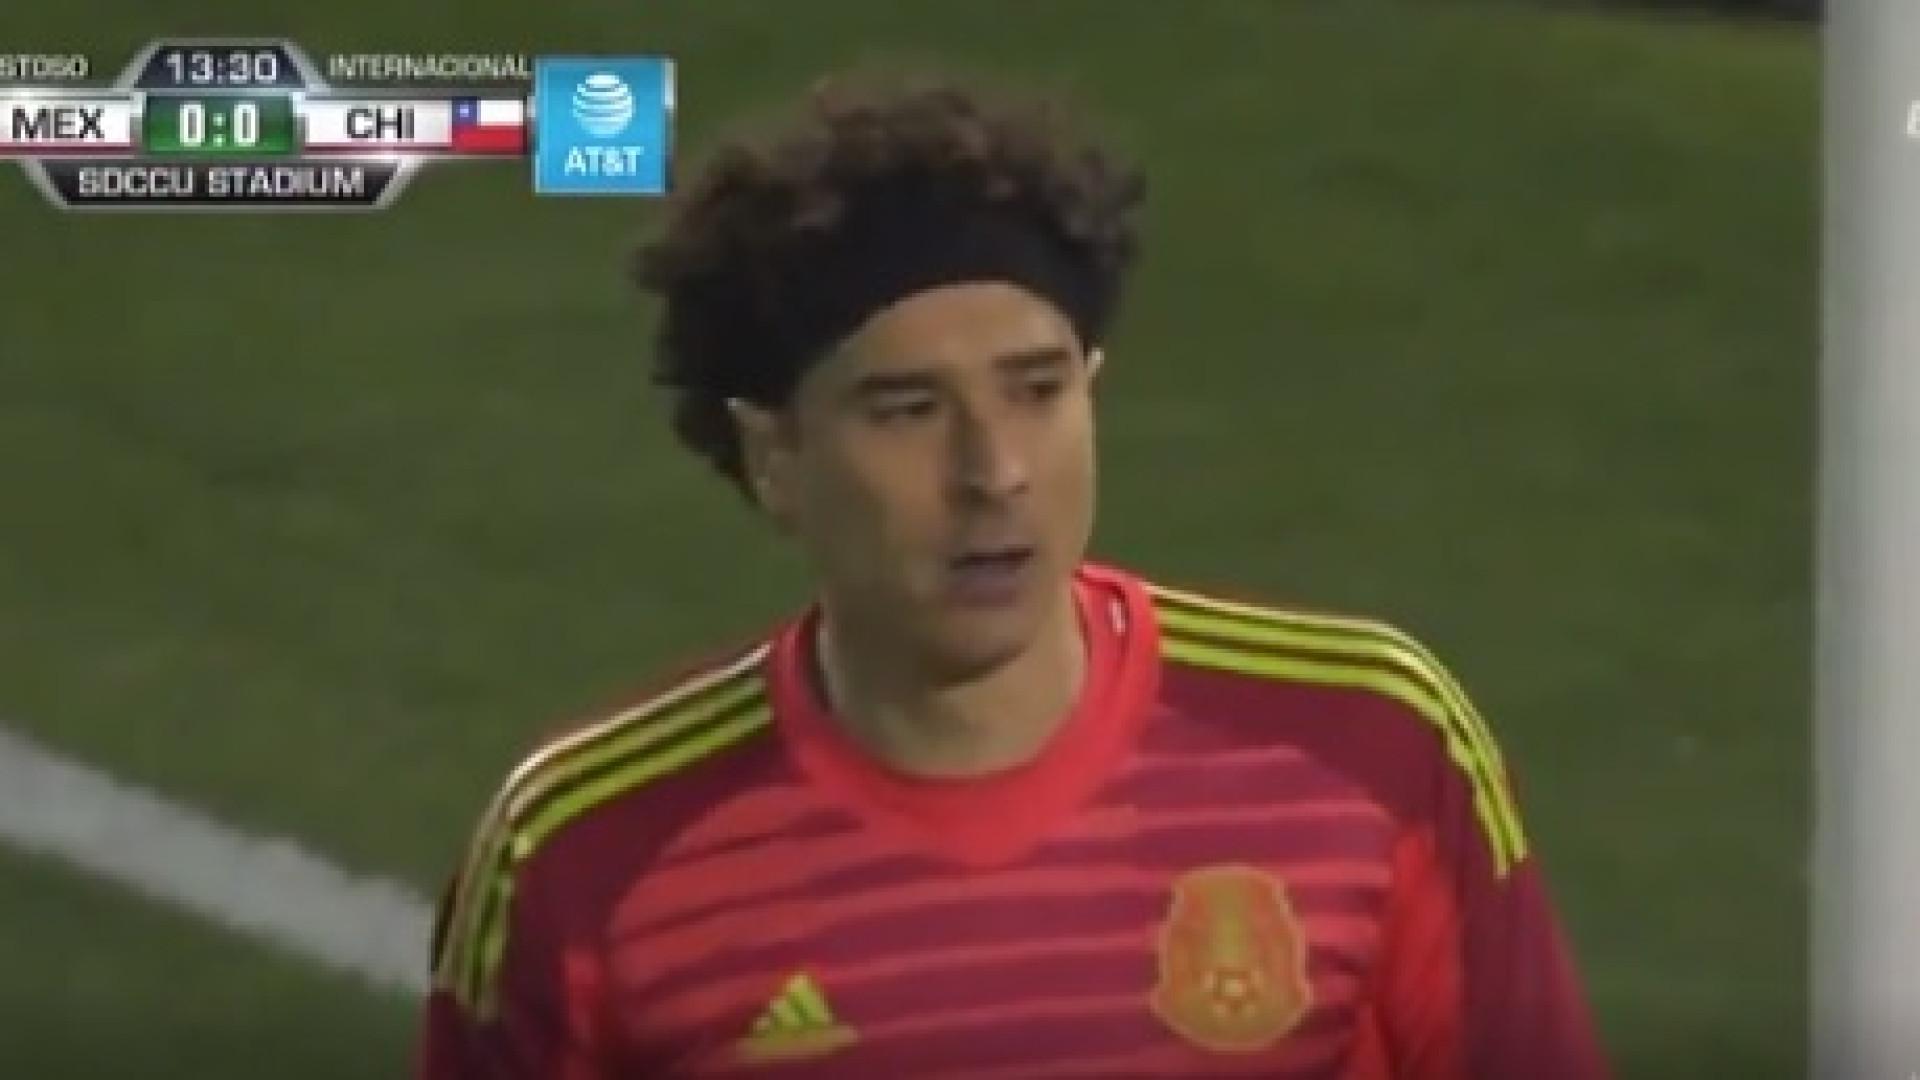 A fantástica defesa de Ochoa no duelo entre México e Chile